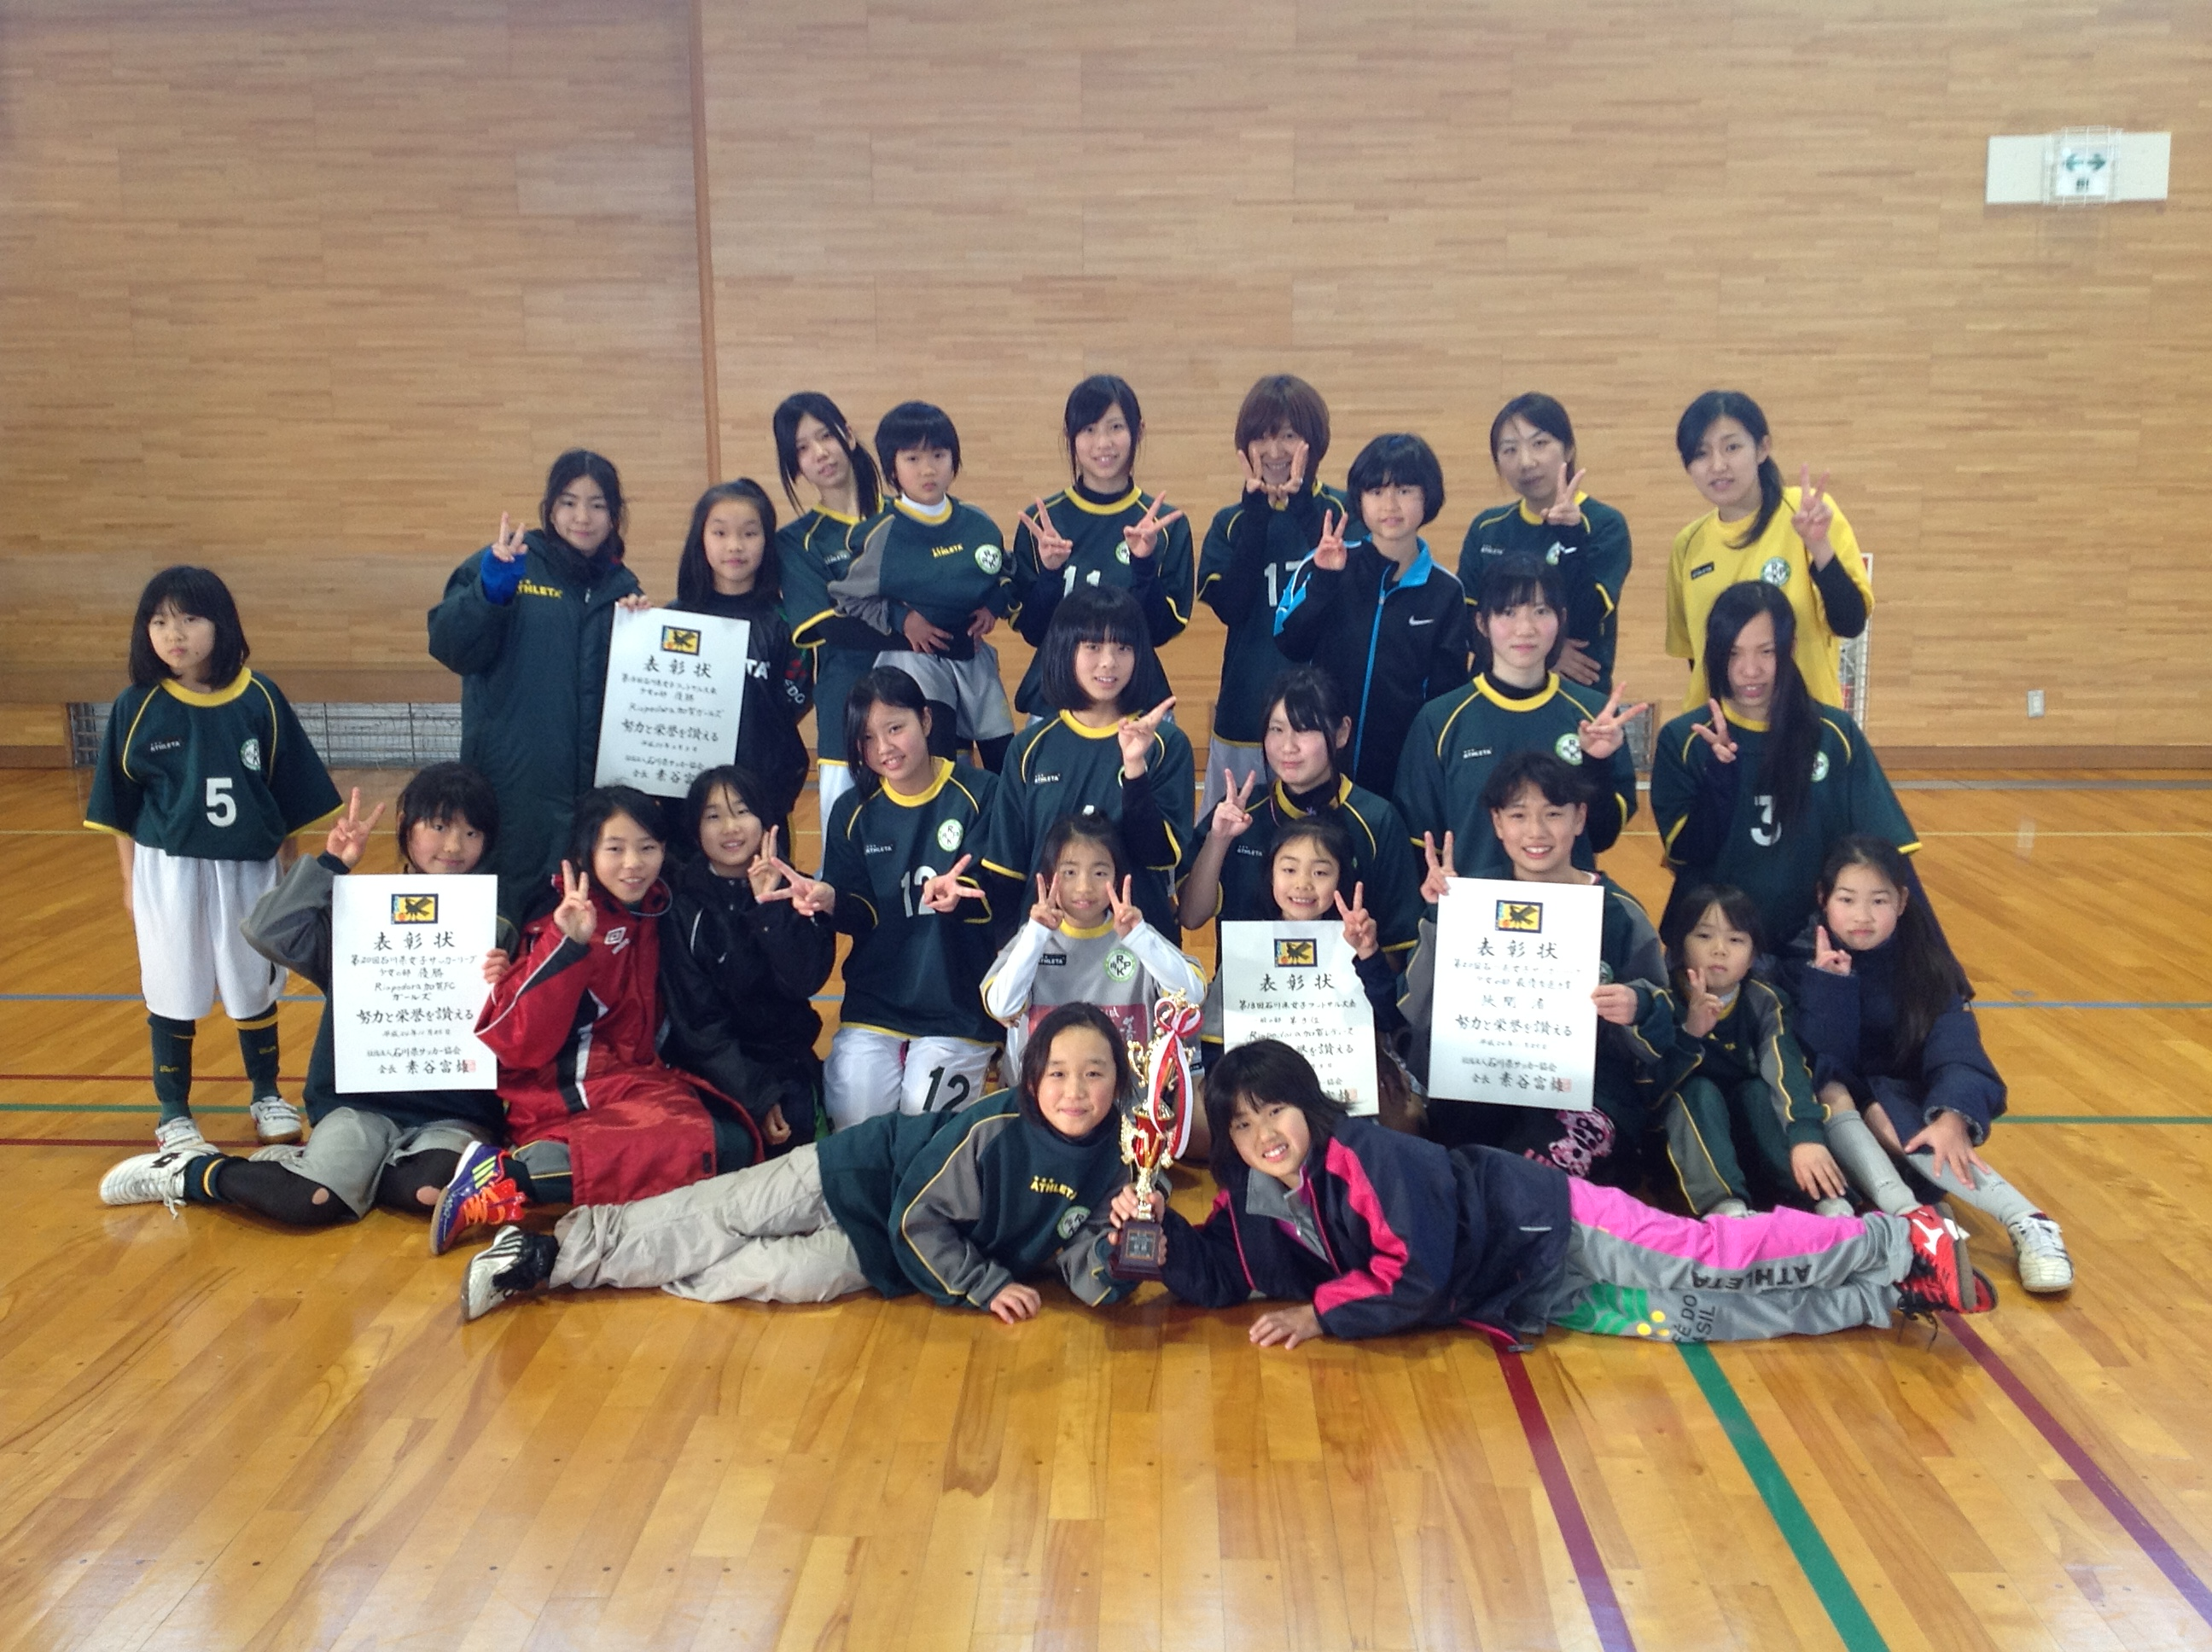 リオペードラFCガールズ 石川県女子サッカーリーグ優勝!